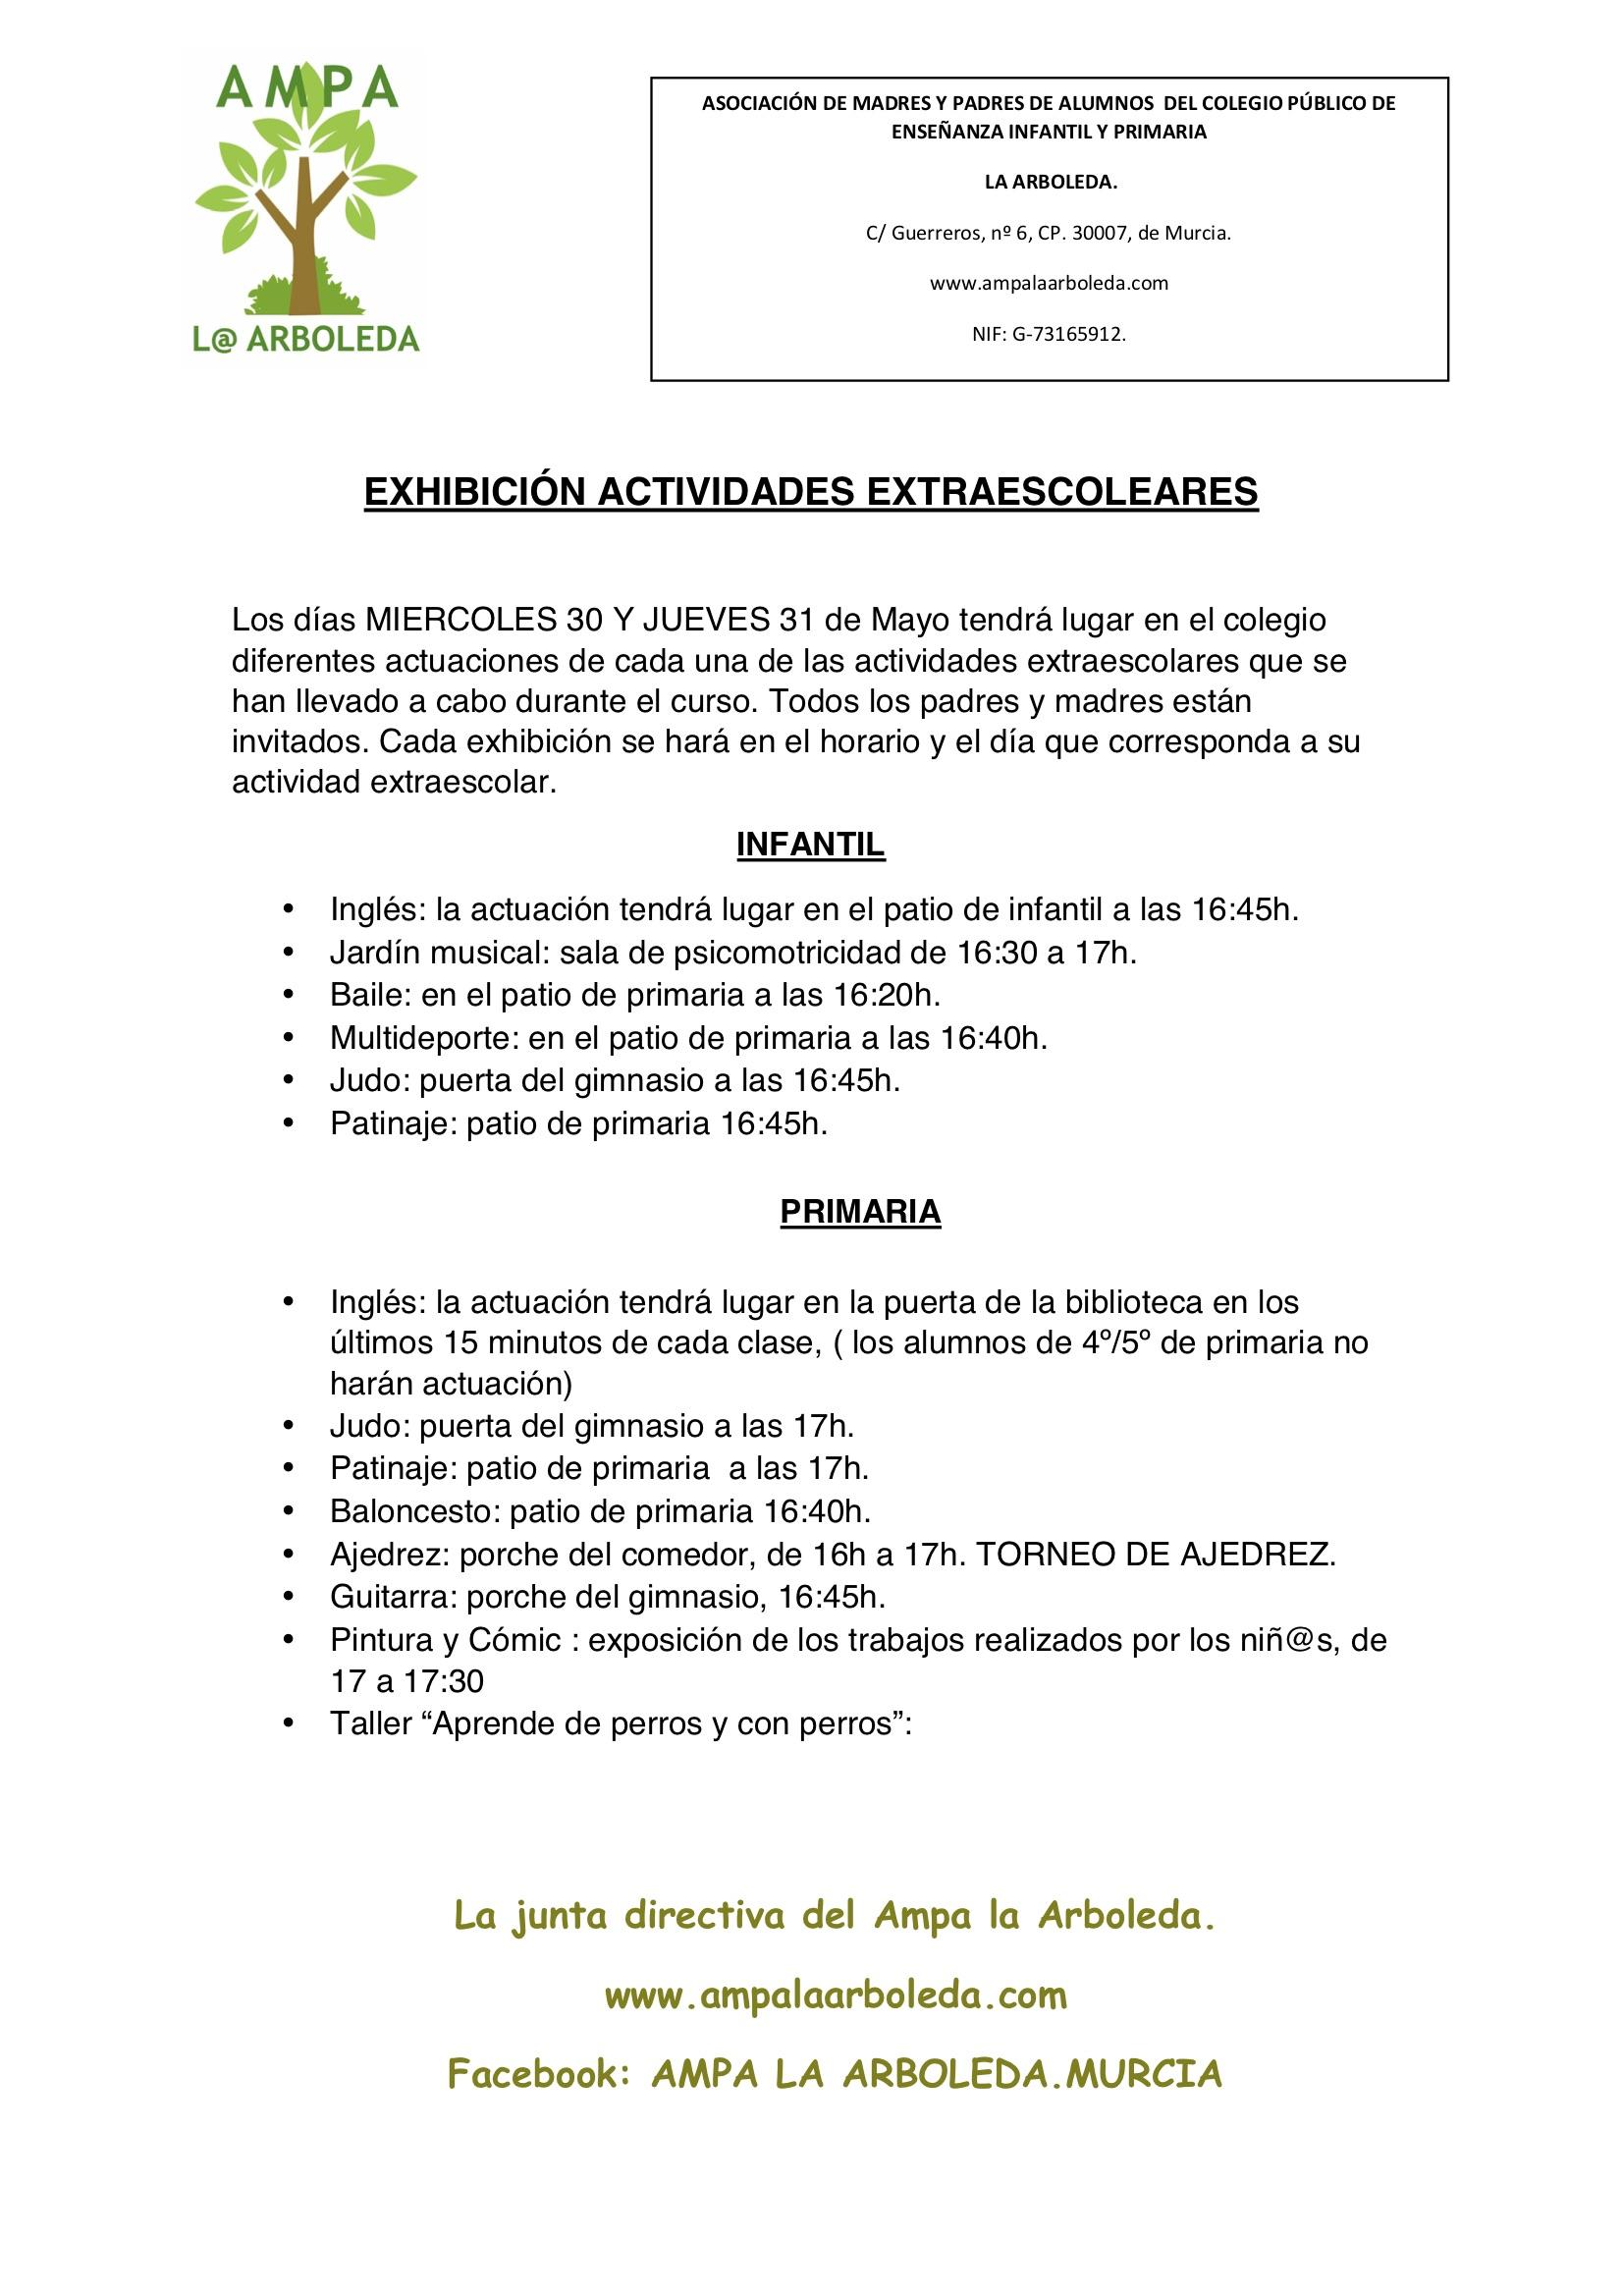 EXHIBICIÓN ACTIVIDADES EXTRAESCOLEARES 2018